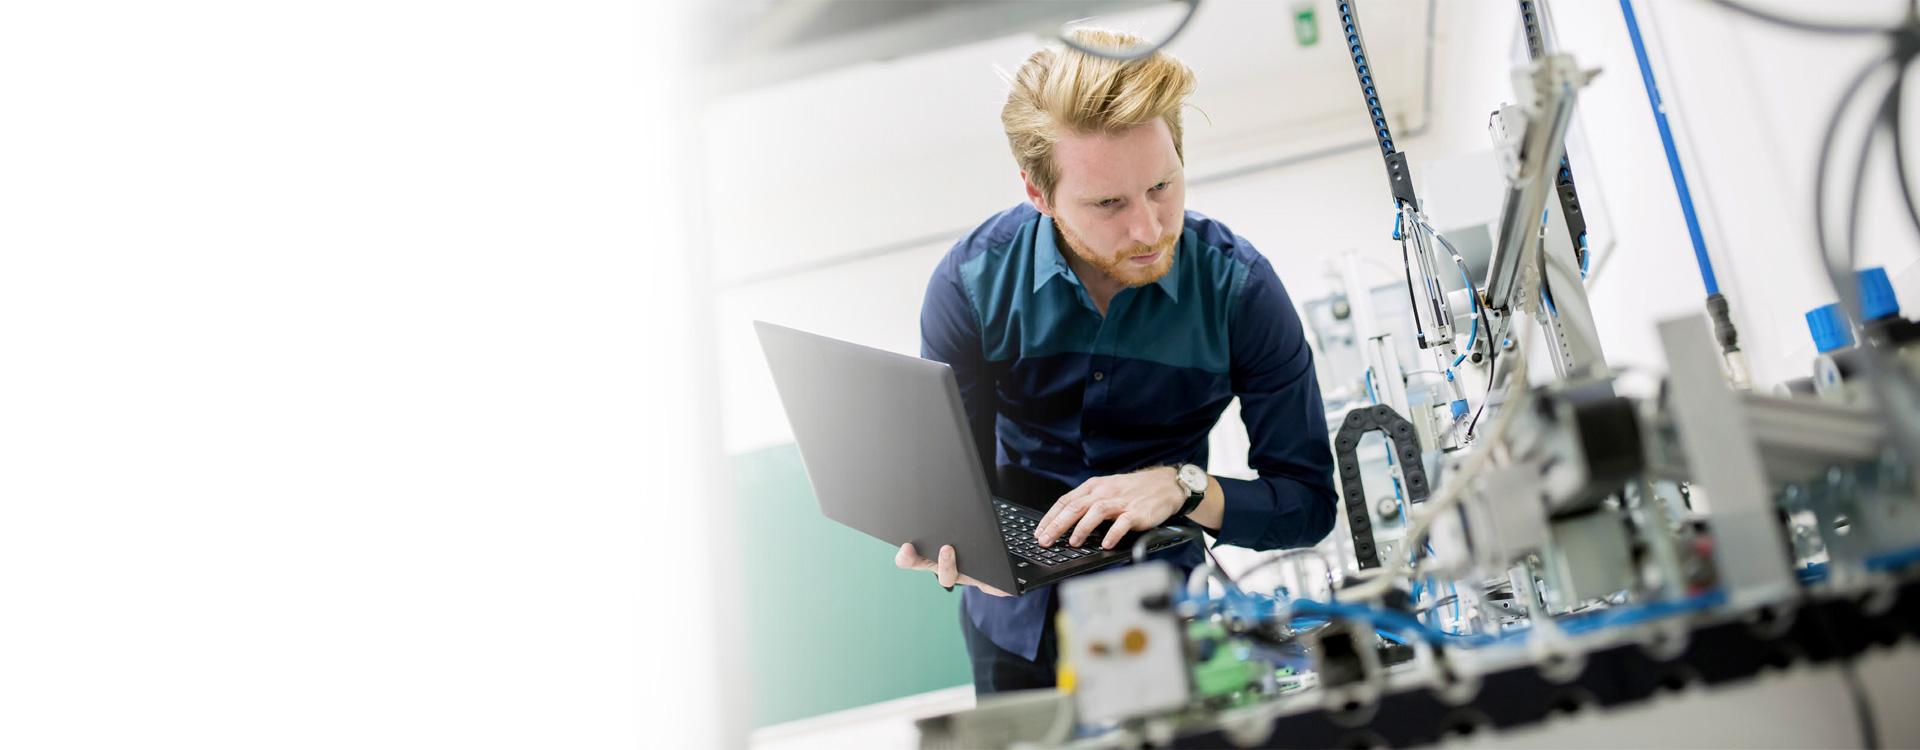 Beratung & Service Urmann Automatisierungstechnik